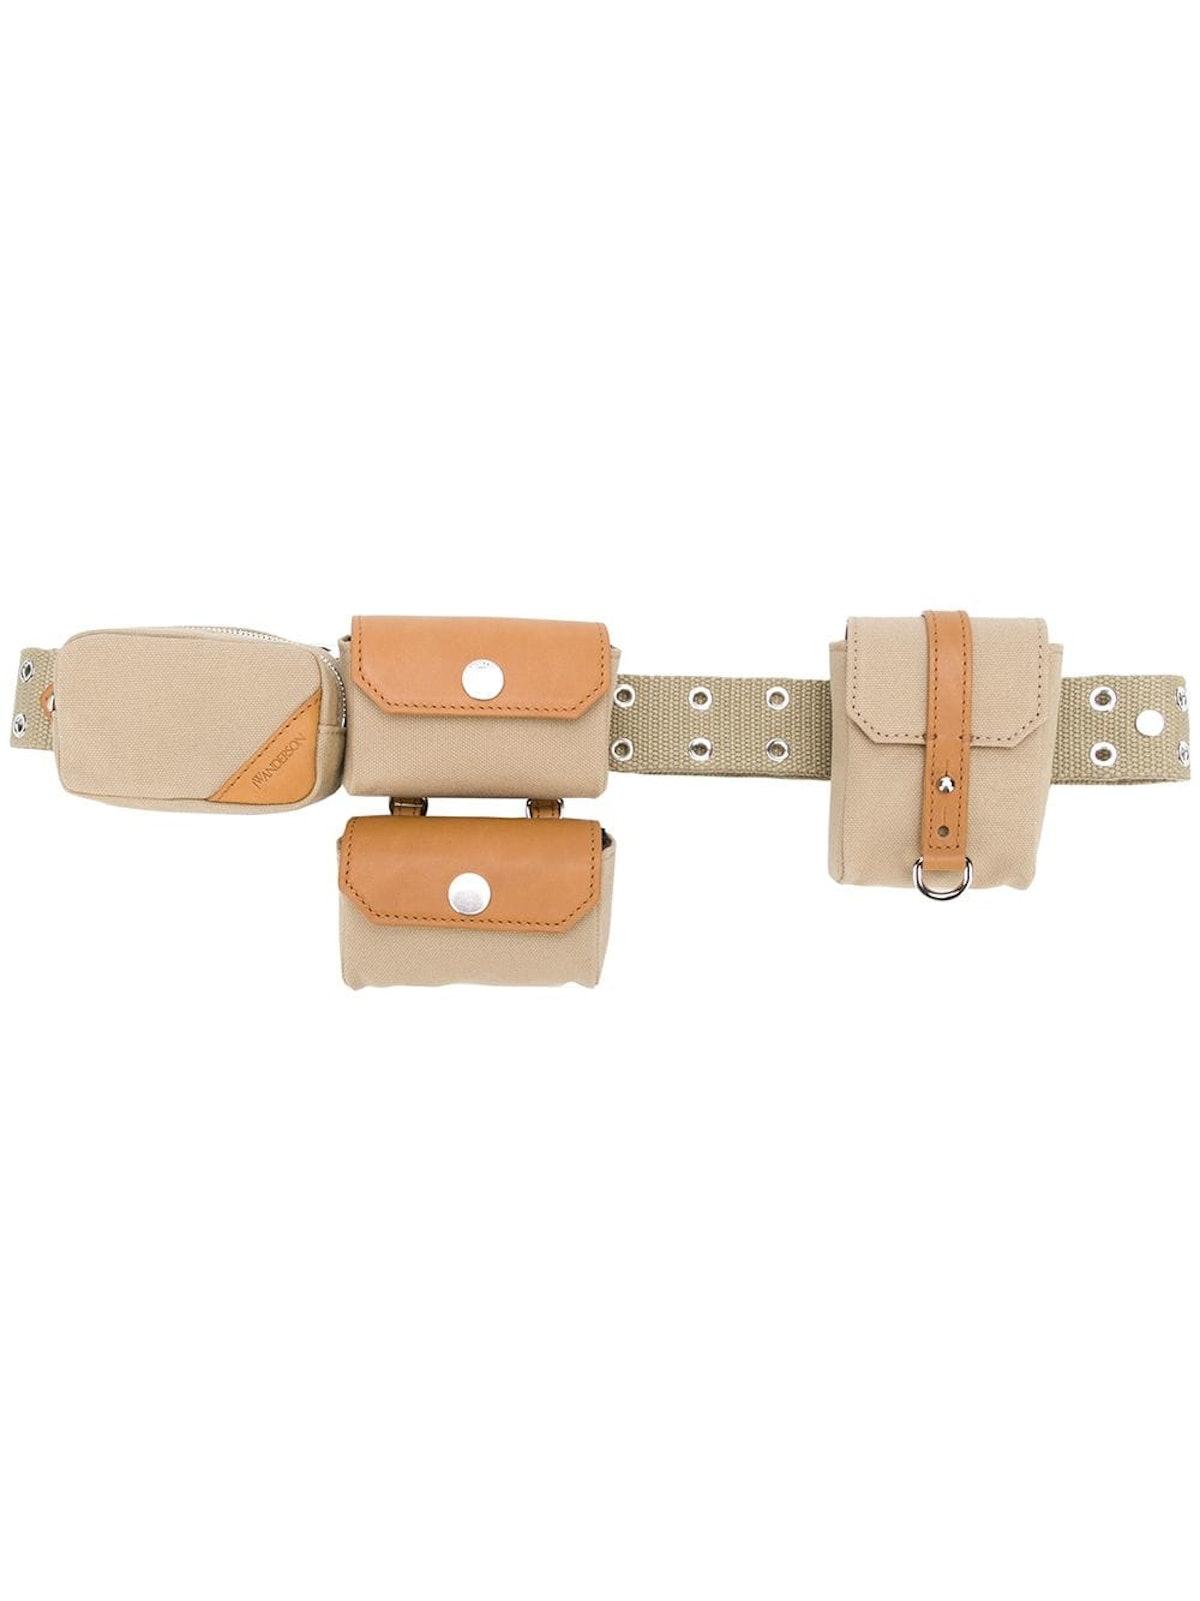 Utility Belt Bag